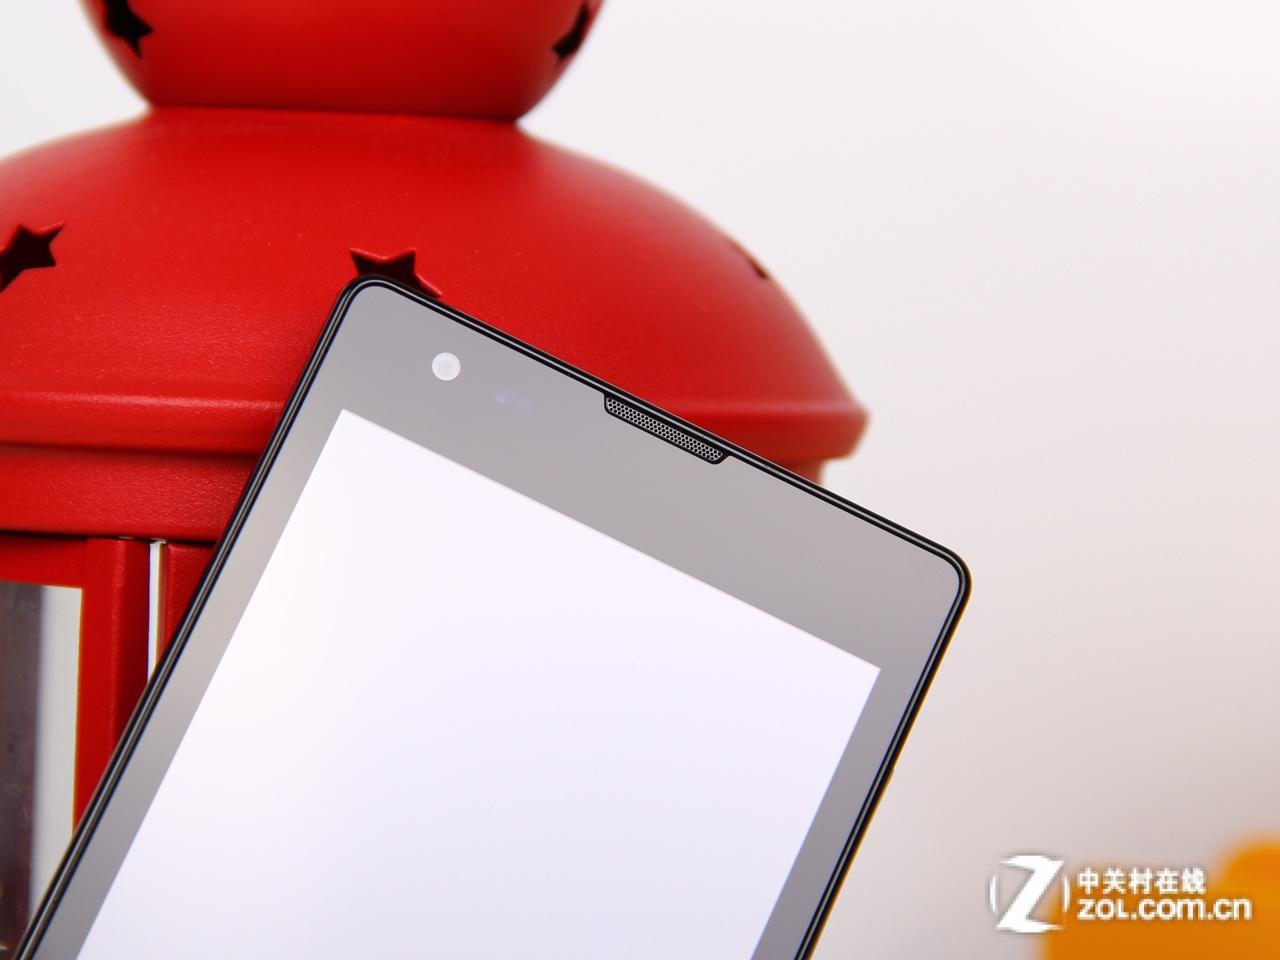 小米手机红米1s配置_不足千元首选推荐 小米红米1S报价770元-搜狐滚动